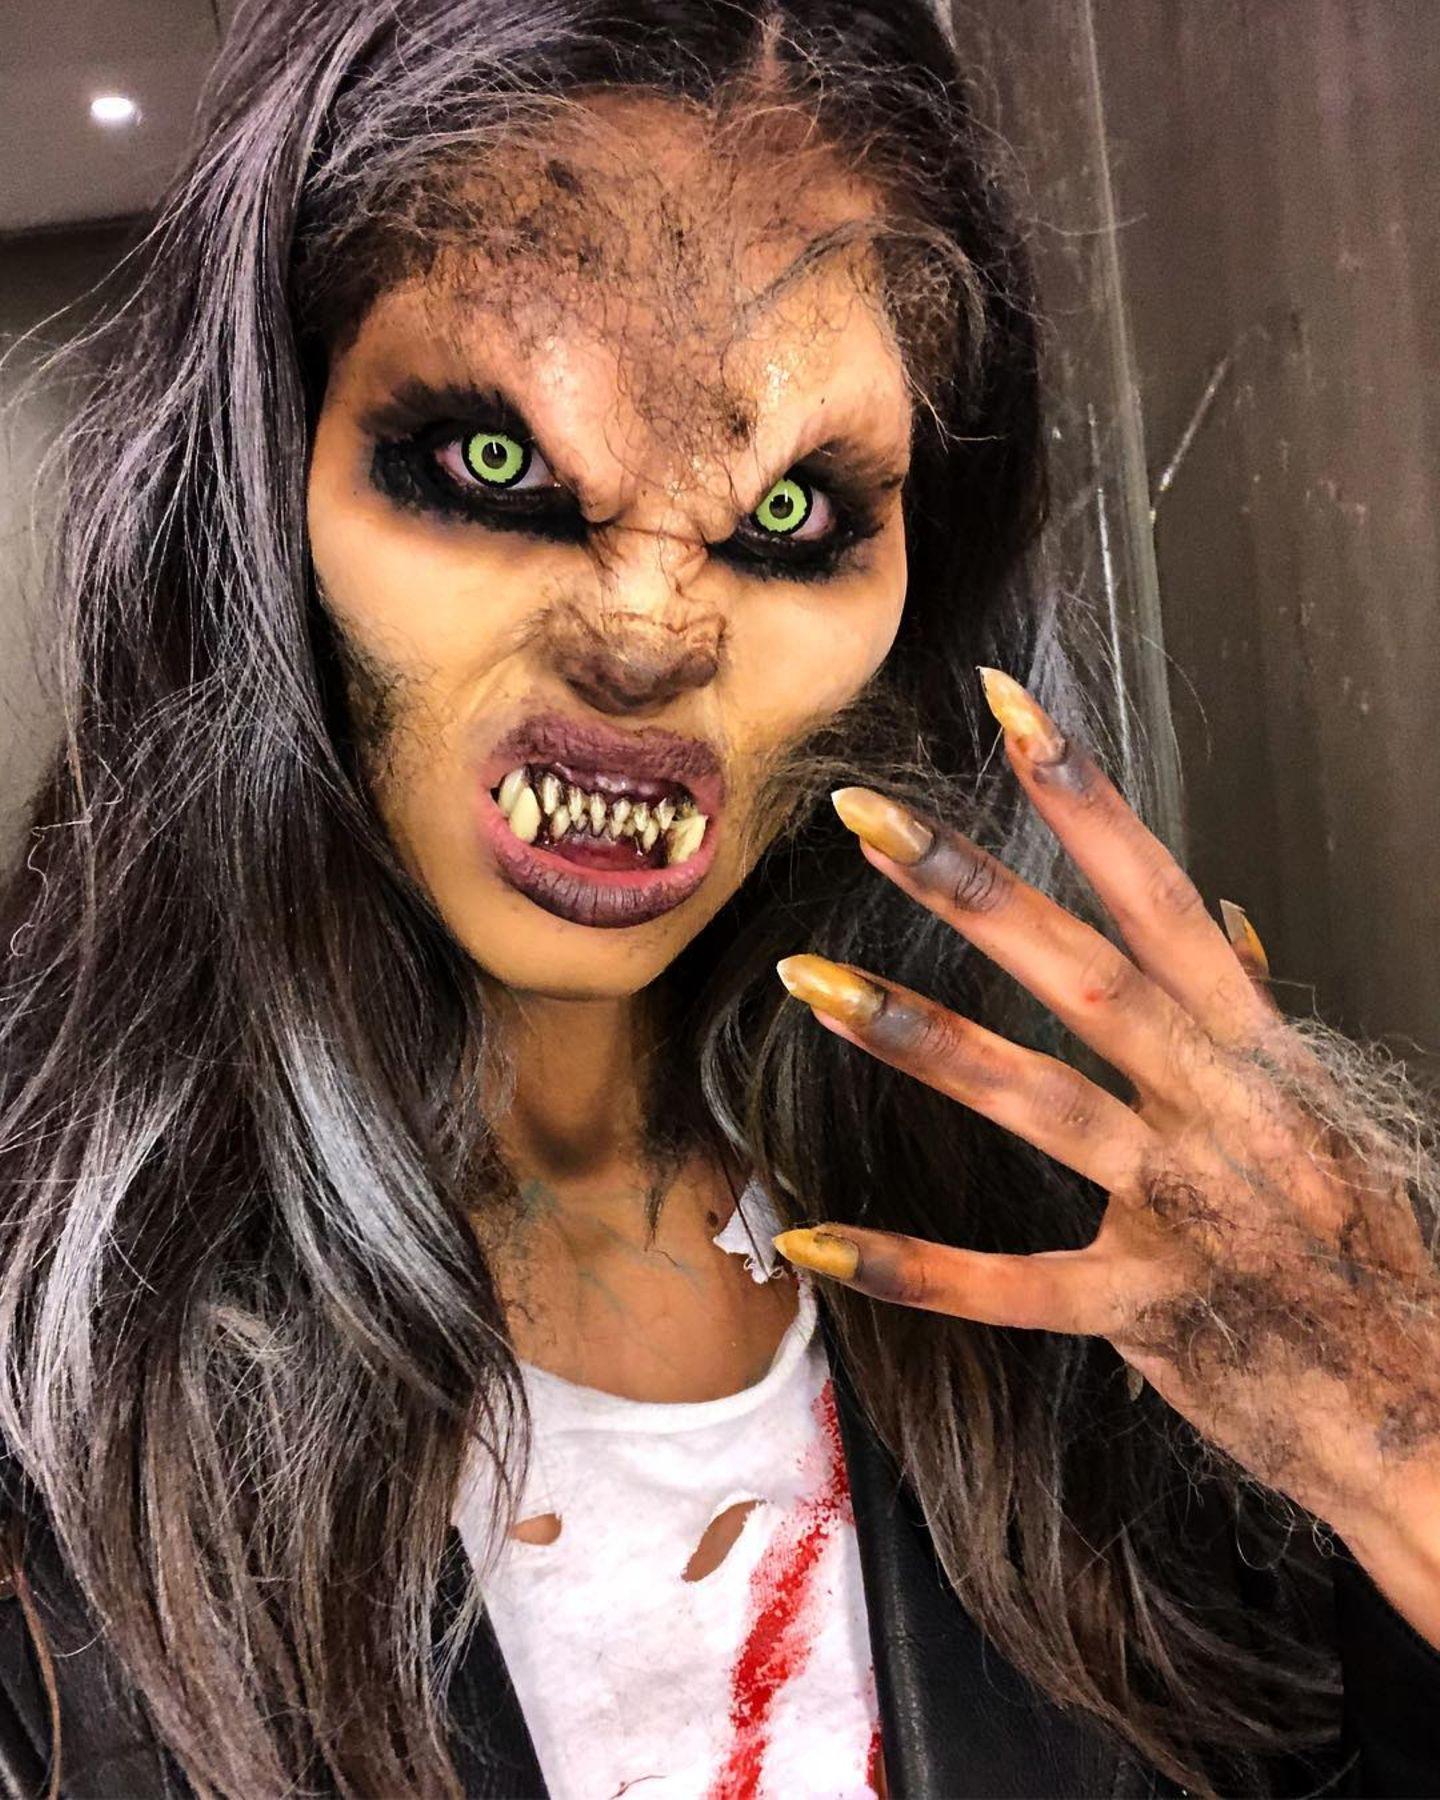 """Da läuft uns direkt ein Schauer über den Rücken.""""Victoria's Secret""""-Engel Sara Sampaio zeigt, wie Halloween richtig geht, nämlich richtig schaurig. Mit vergilbten Fingernägeln und ordentlichem Überbiss ist die Schönheit in dem behaarten Werwolf kaum wiederzuerkennen."""